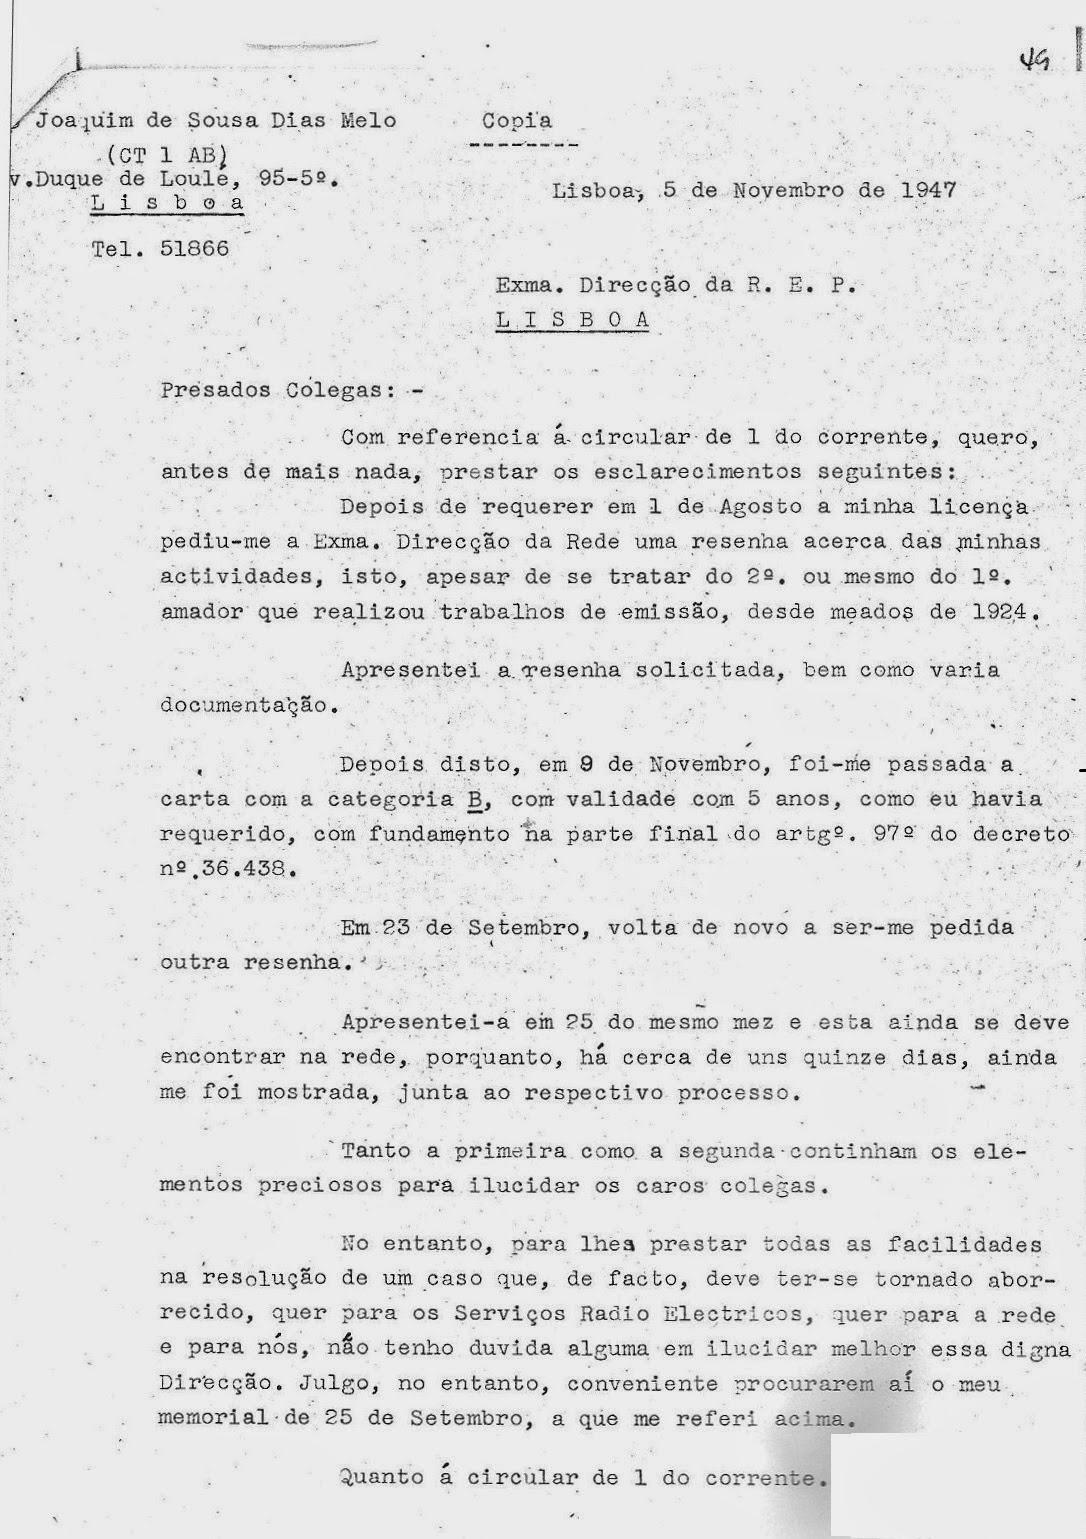 Joaquim Dias Melo